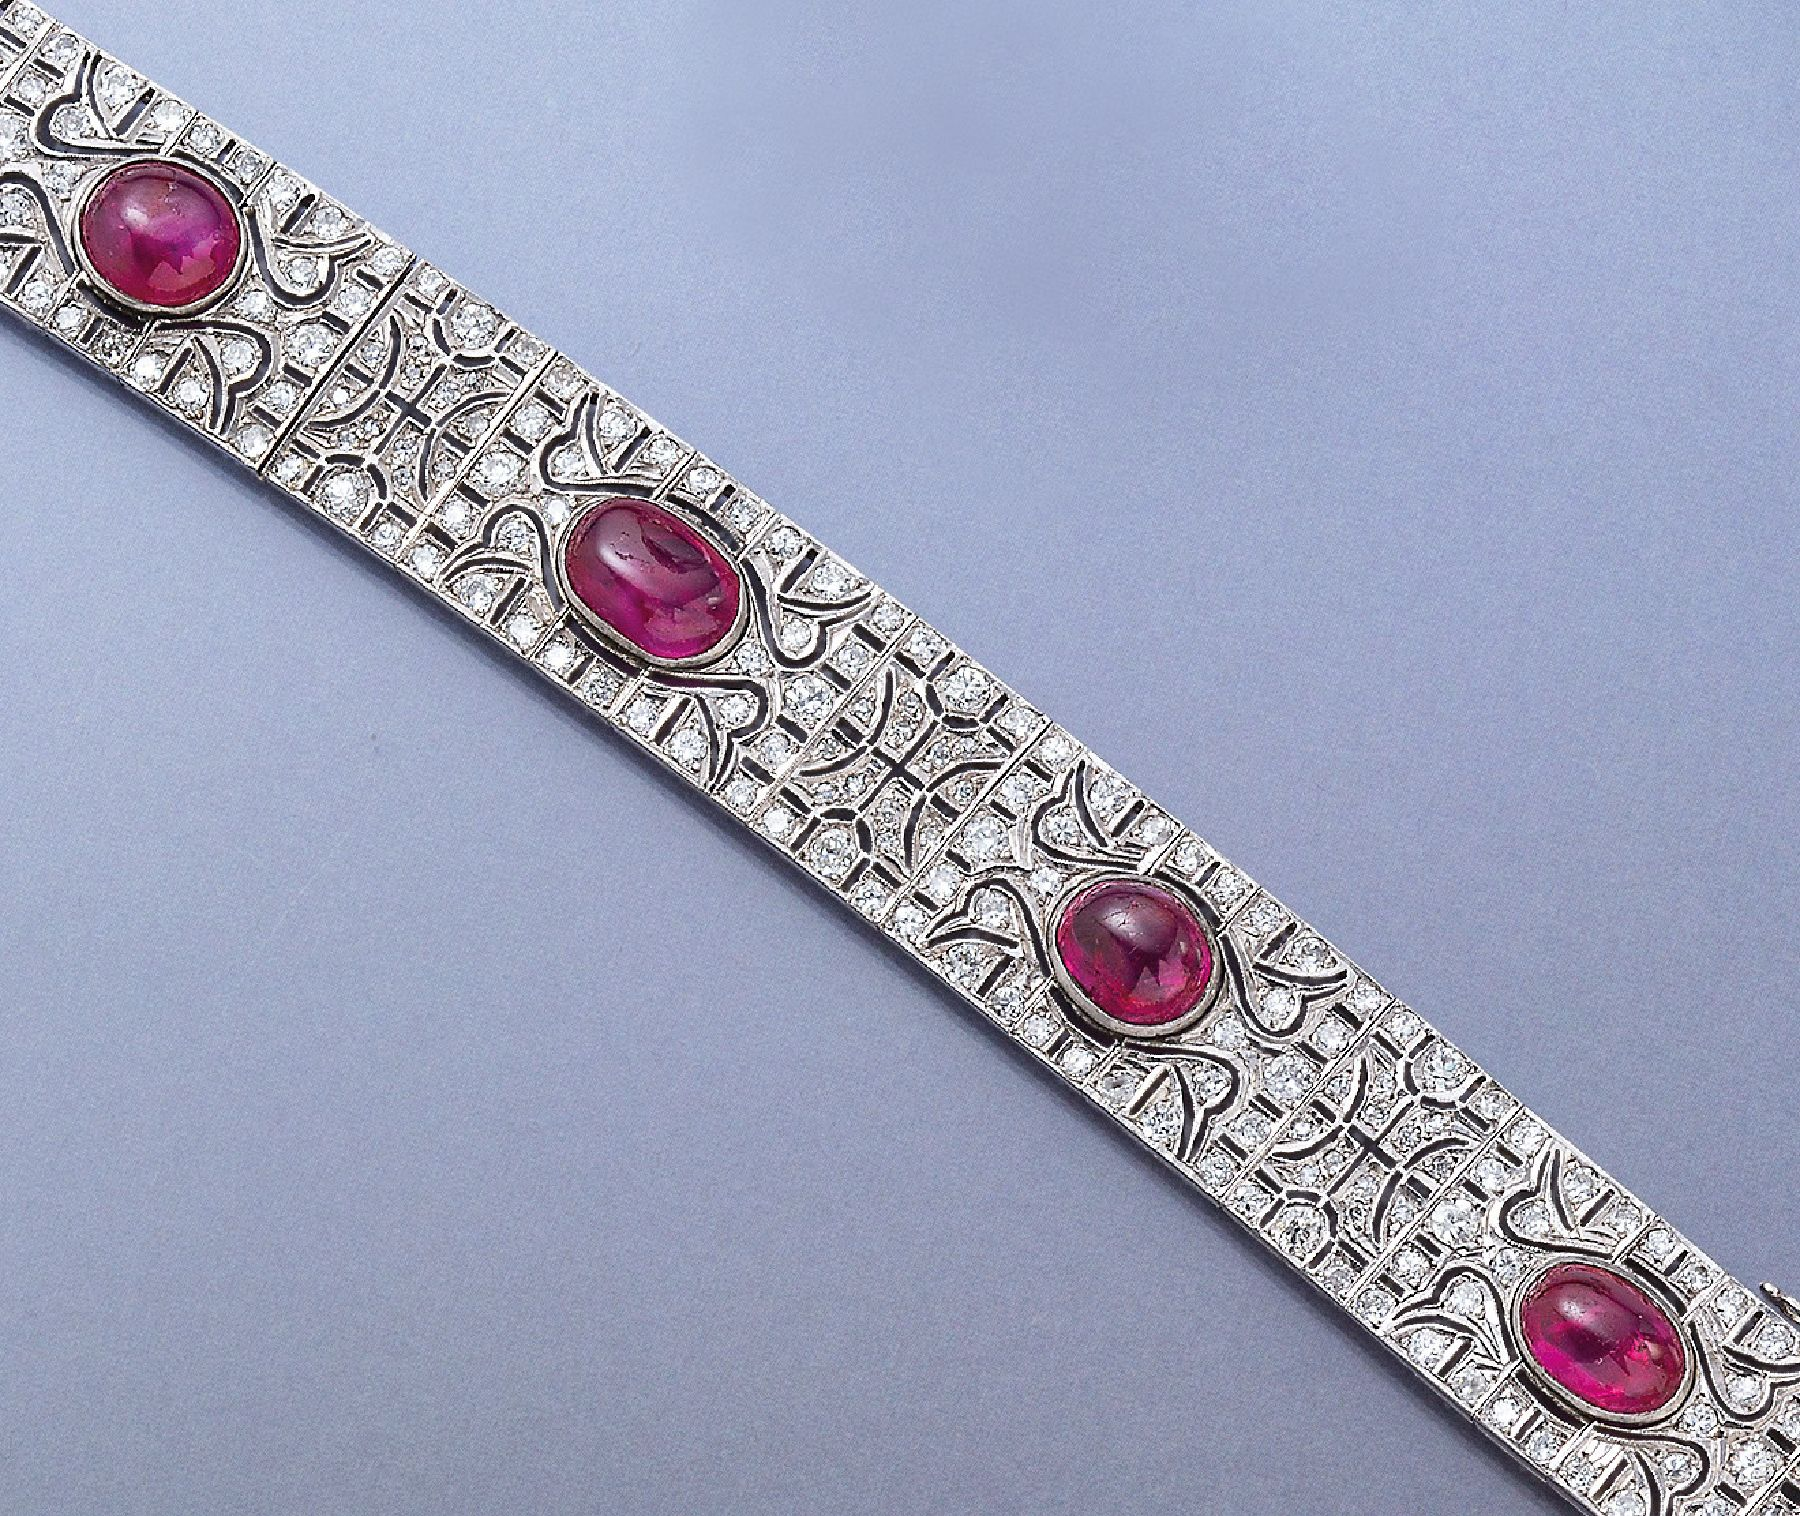 Vente Bijoux modernes, Mode et Accessoires chez Henry's Auktionshaus : 522 lots